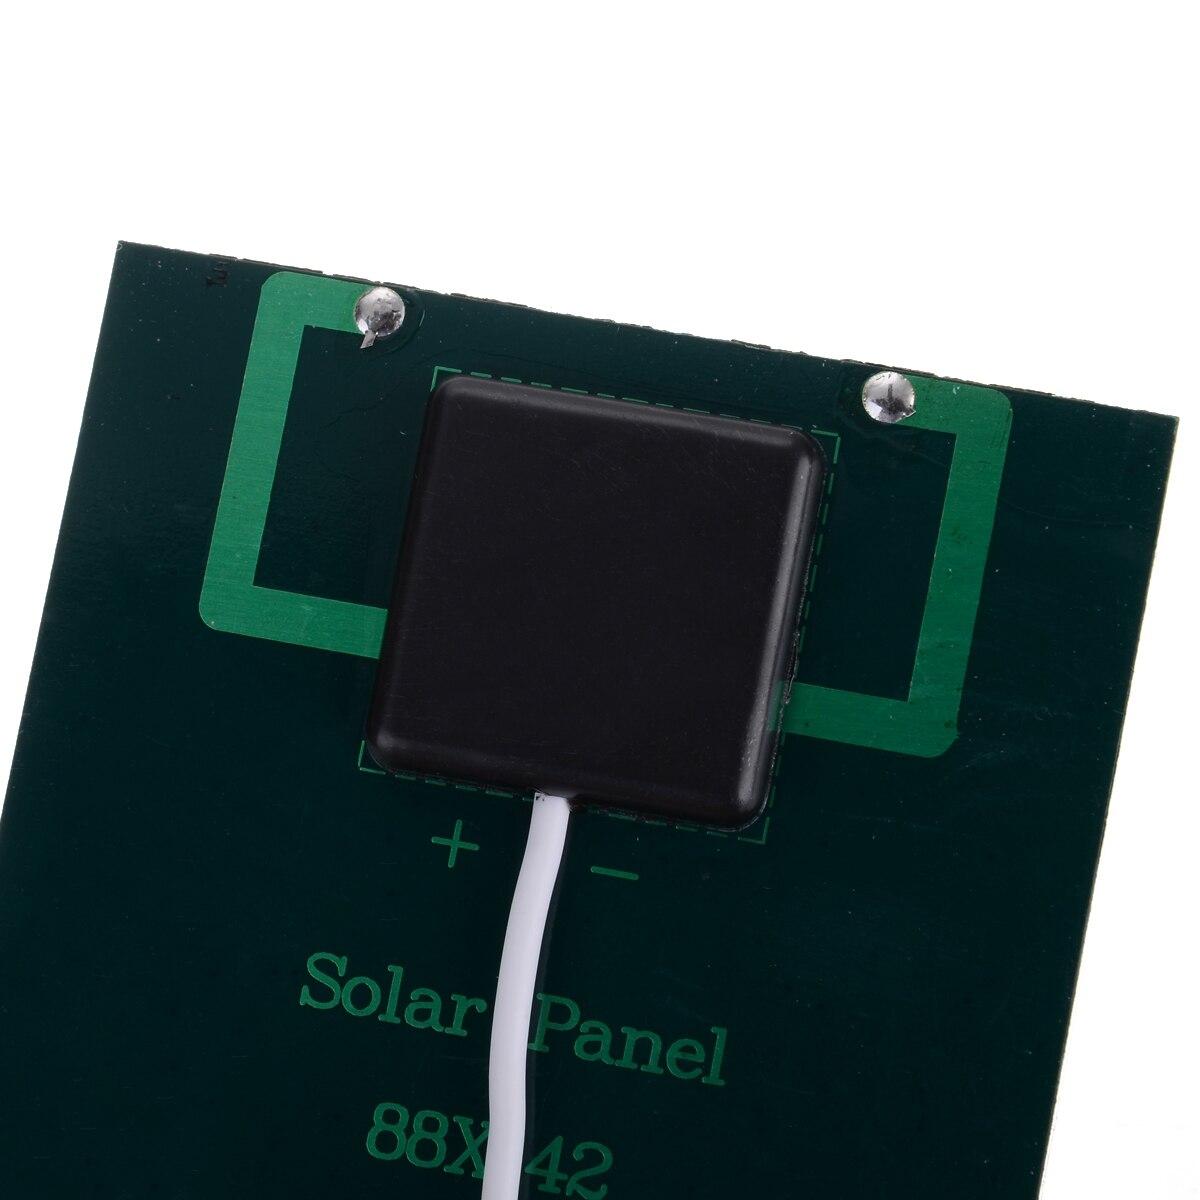 painel solar carregador portatil usb20 paineis solares 05